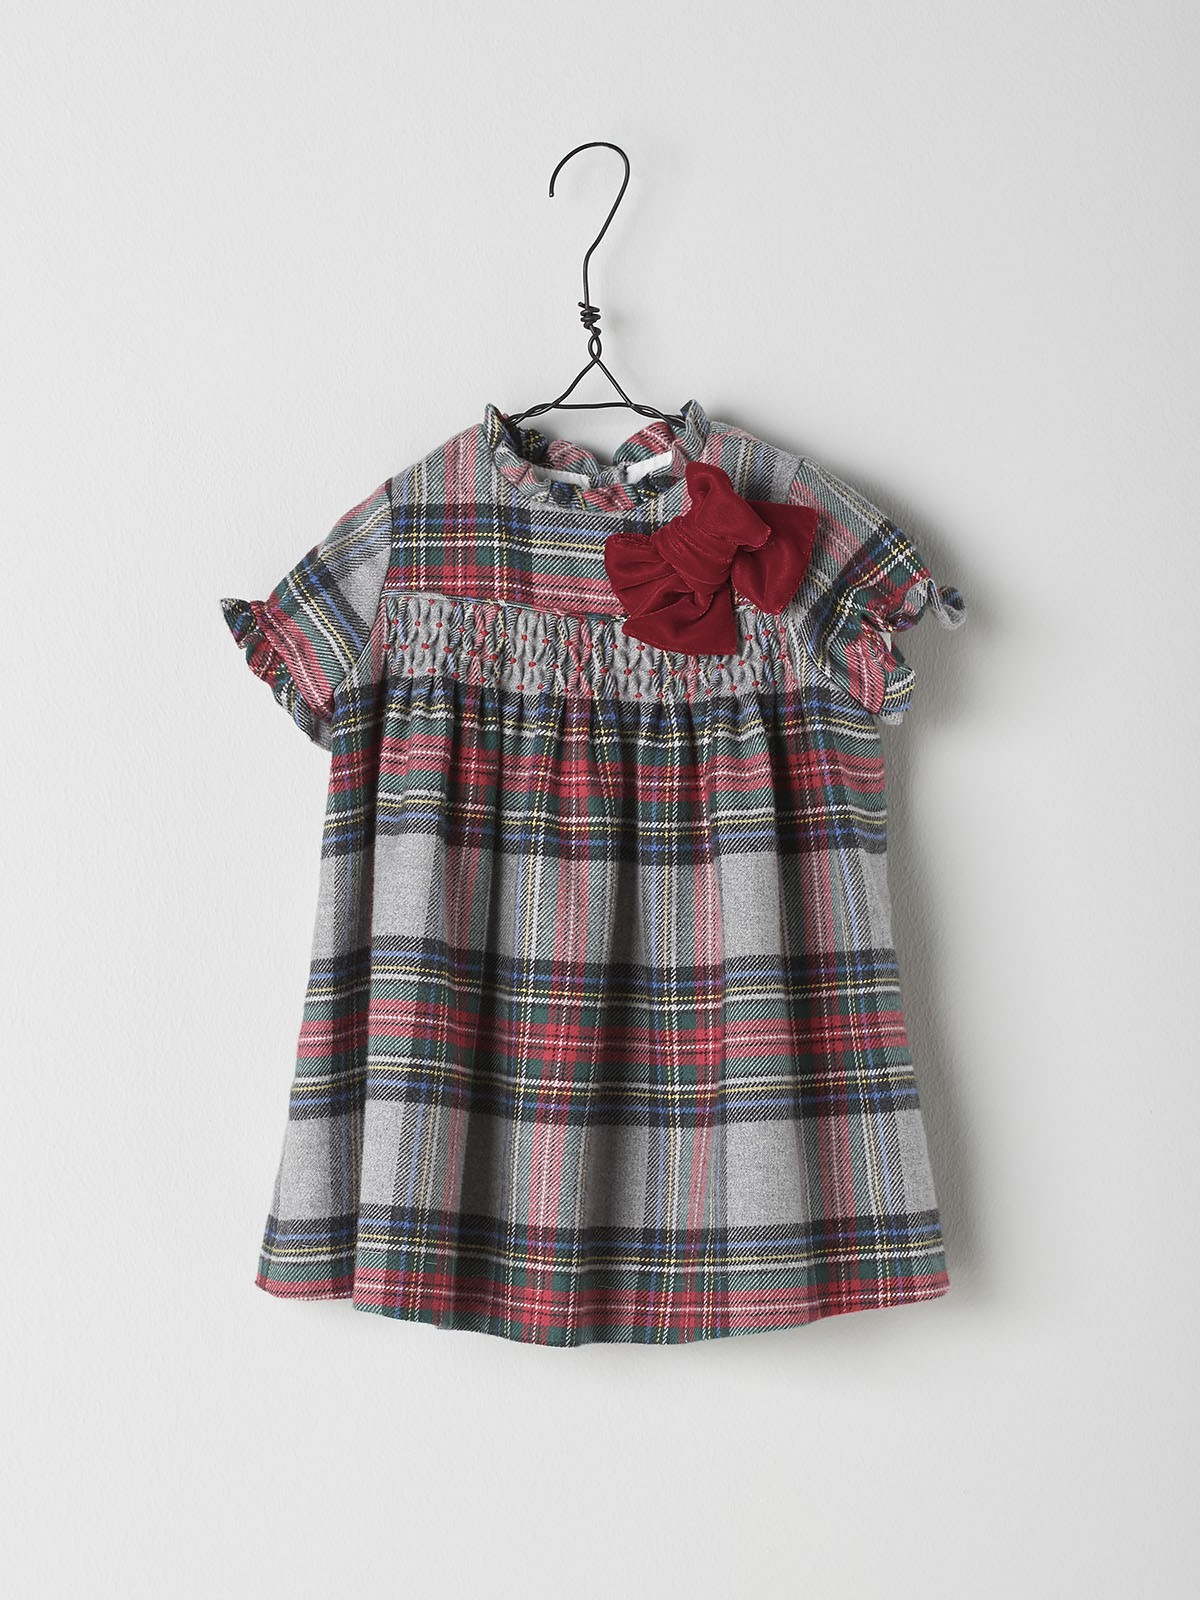 NANOS 紅格紋洋裝